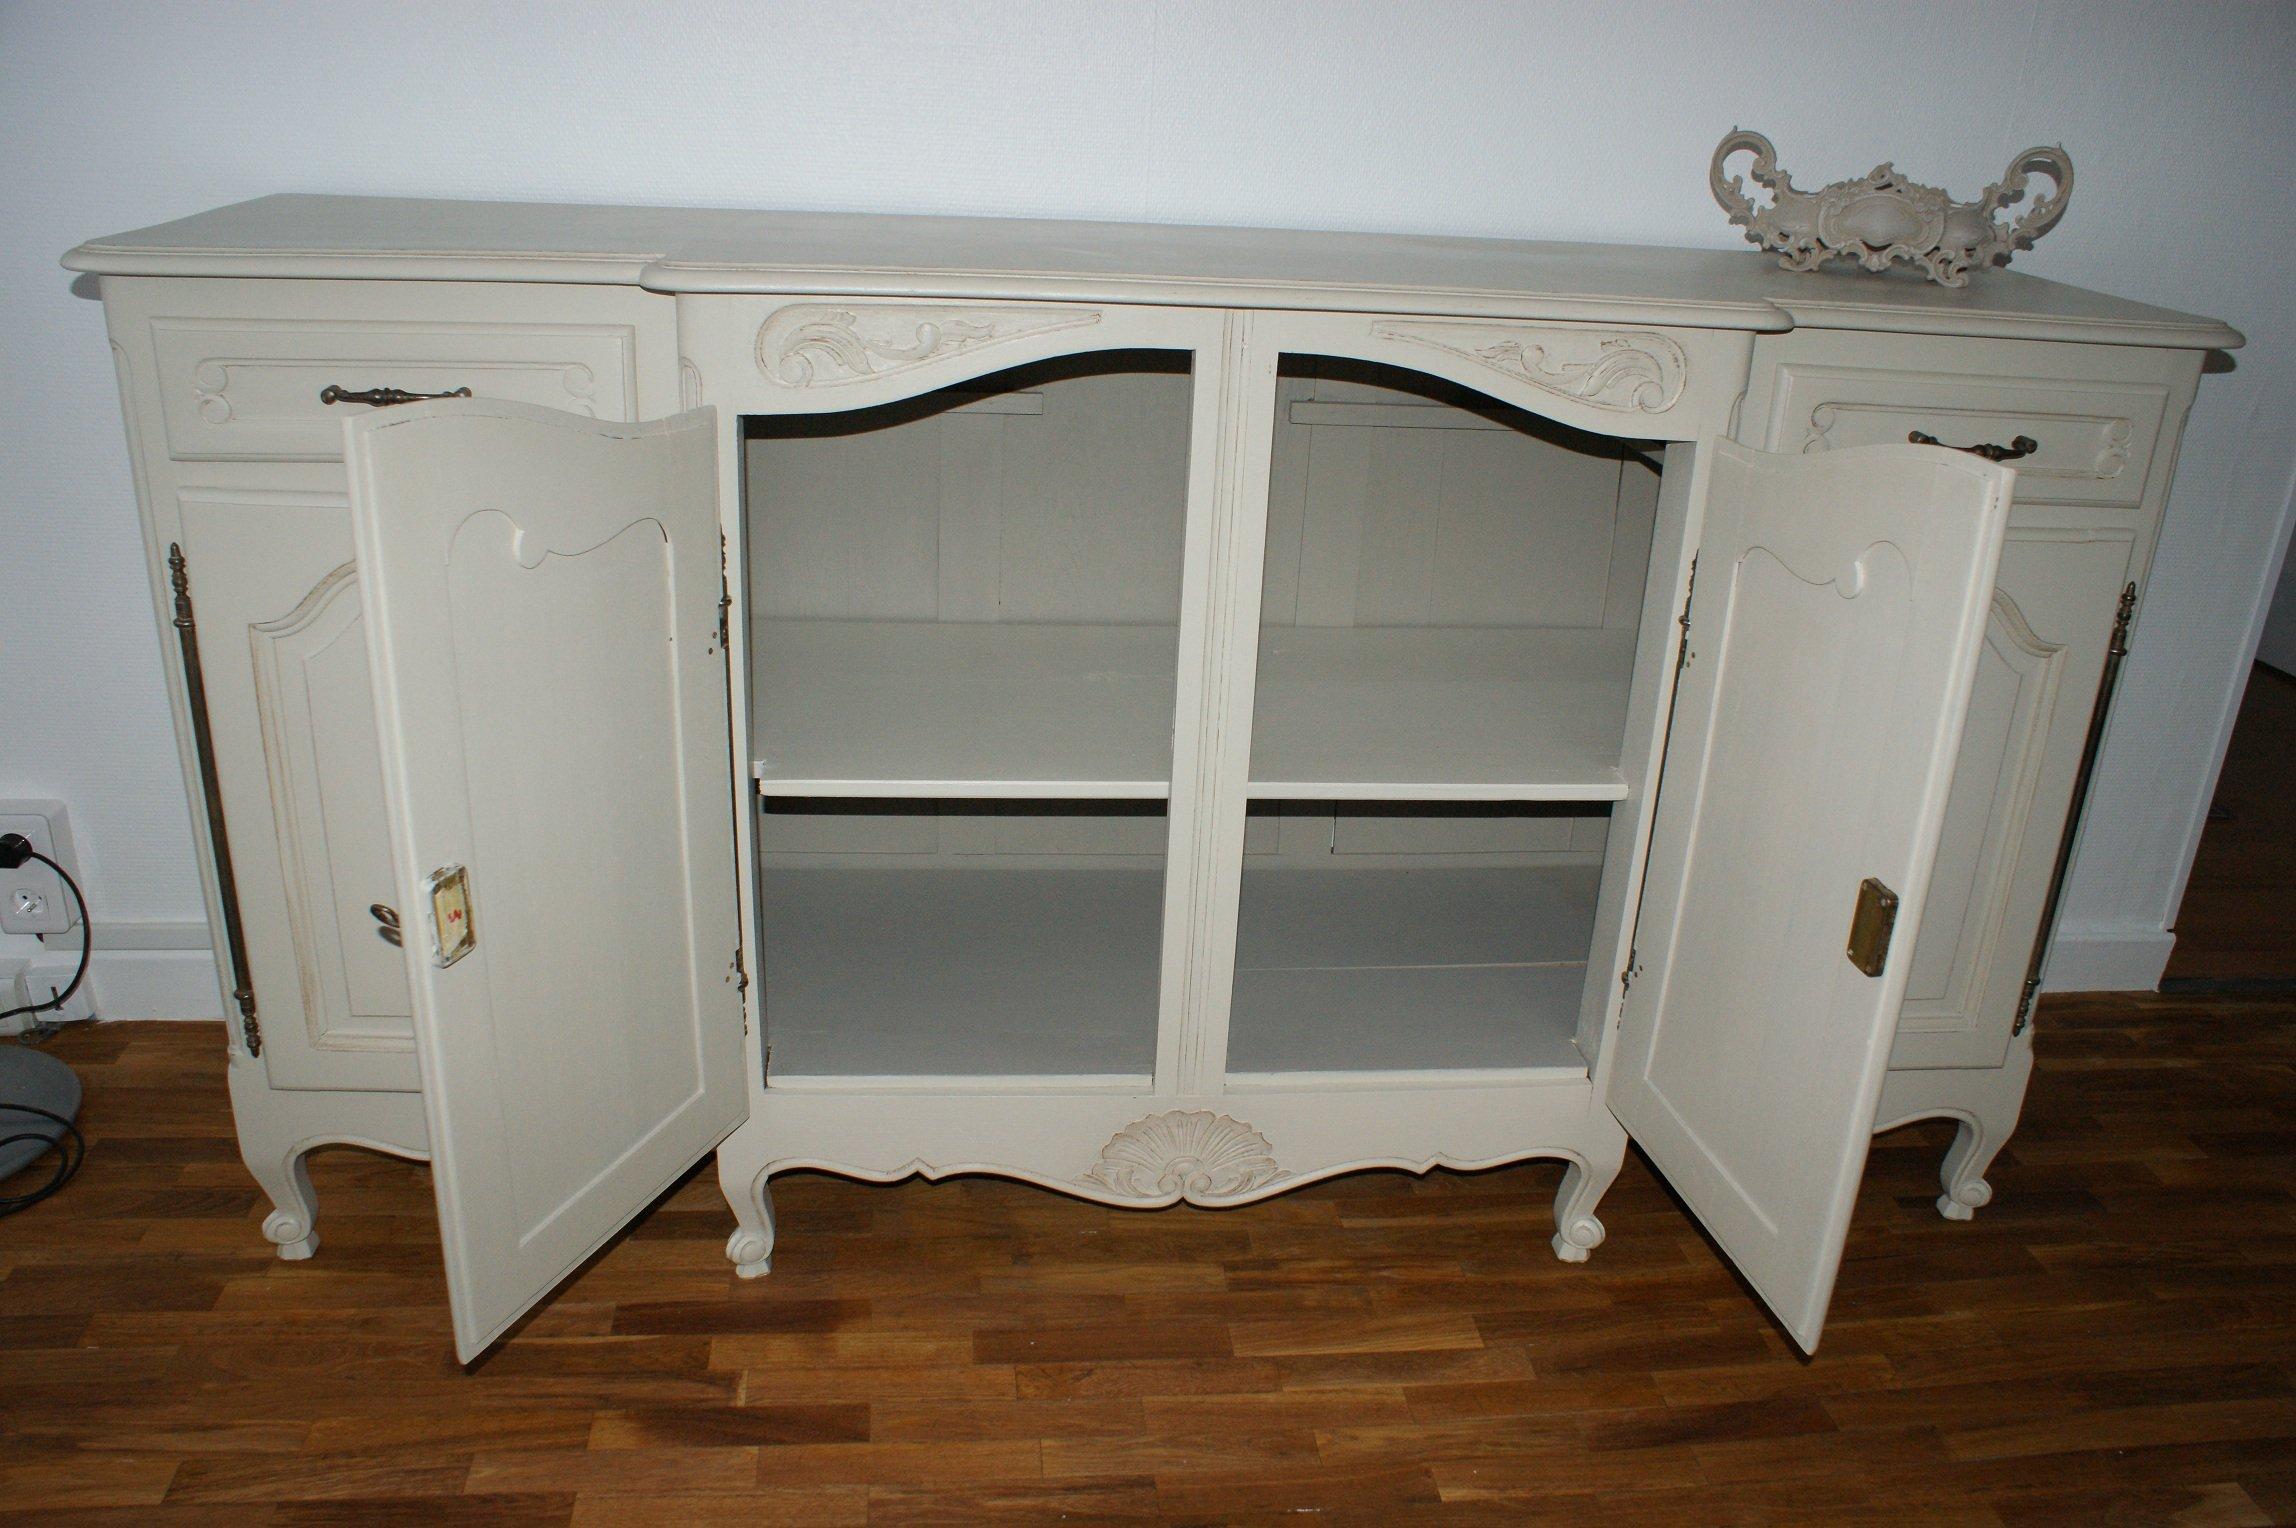 nos vieux meubles r nov s relook s et patin s r sultats de recherche meuble merisier peint. Black Bedroom Furniture Sets. Home Design Ideas